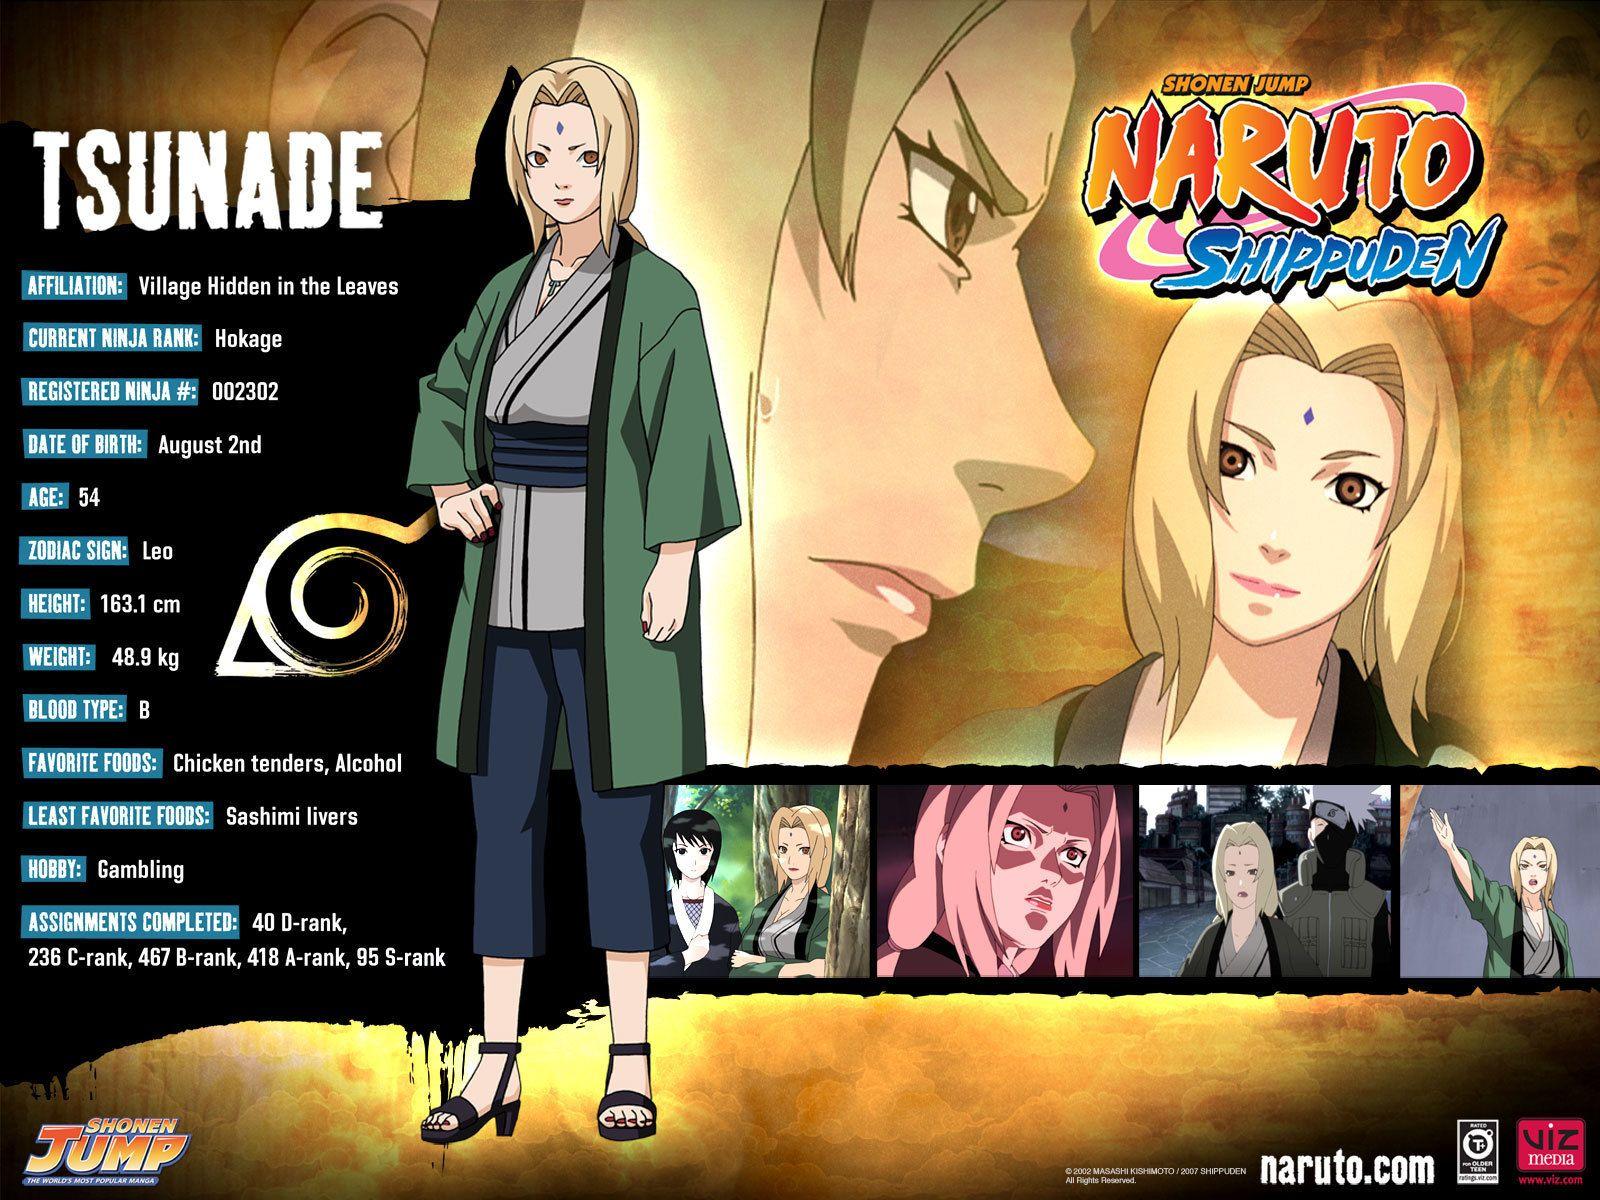 NarutoShippuden Naruto And Naruto Shippuden Wallpaper